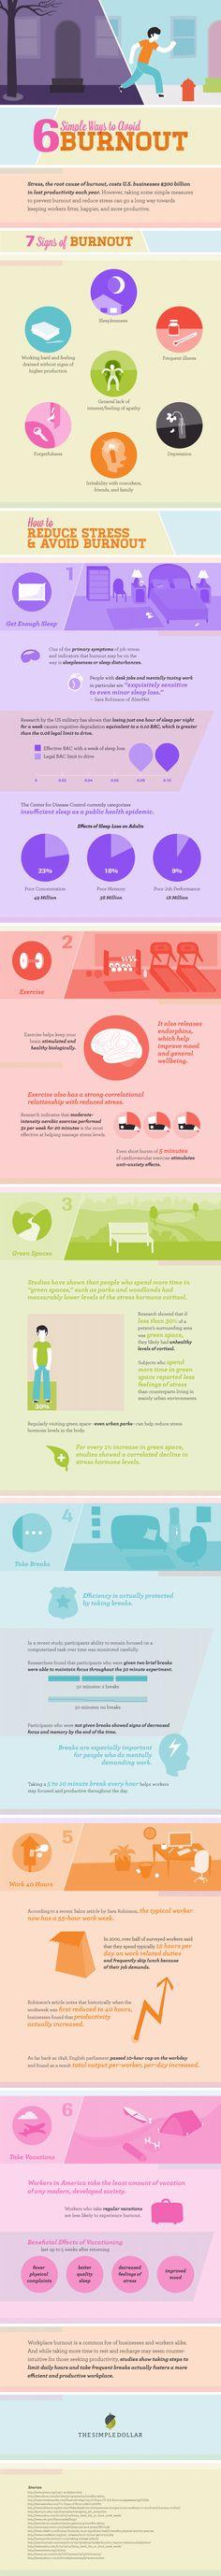 6 formas sencillas de evitar el agotamiento #infografia #infographic #health